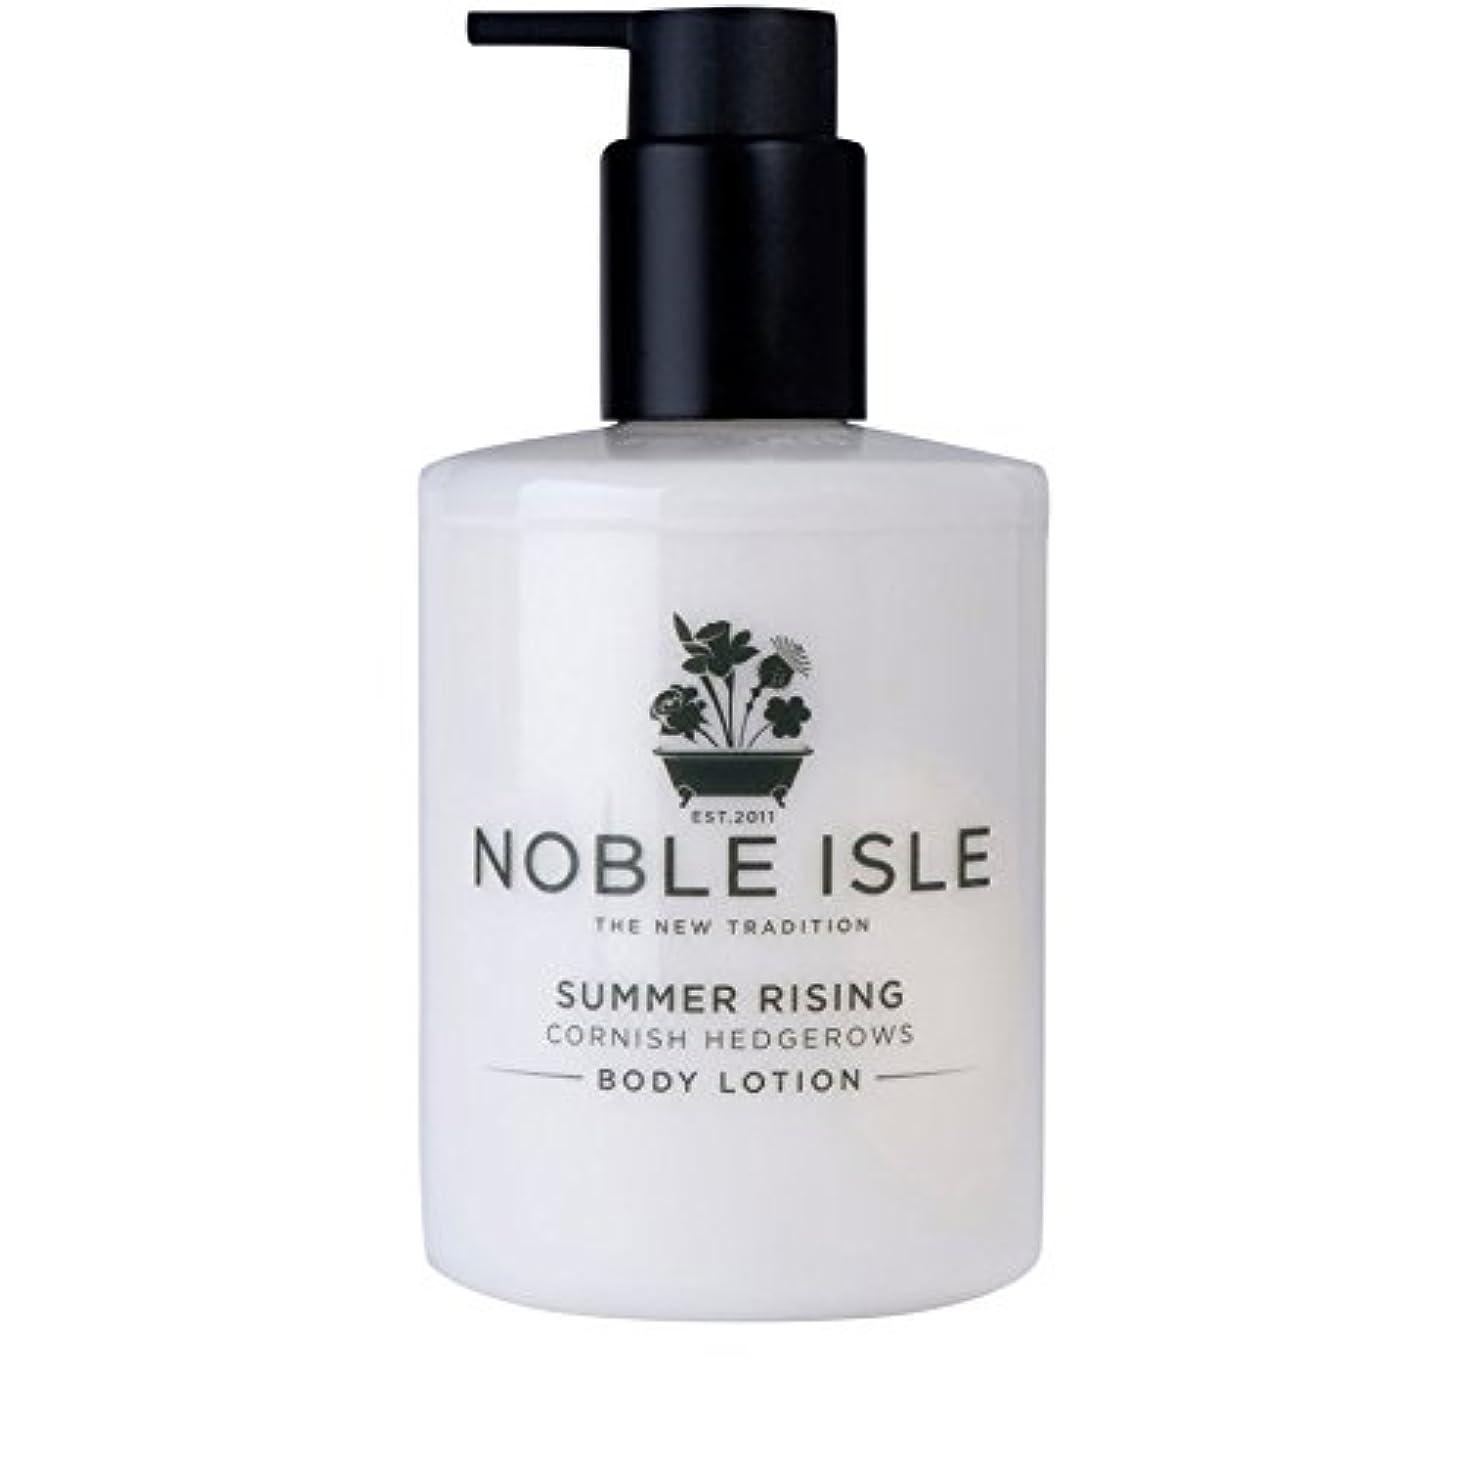 ライター言い直すに渡ってNoble Isle Summer Rising Cornish Hedgerows Body Lotion 250ml (Pack of 6) - コーニッシュ生け垣ボディローション250ミリリットルを上昇高貴な島の夏 x6 [並行輸入品]